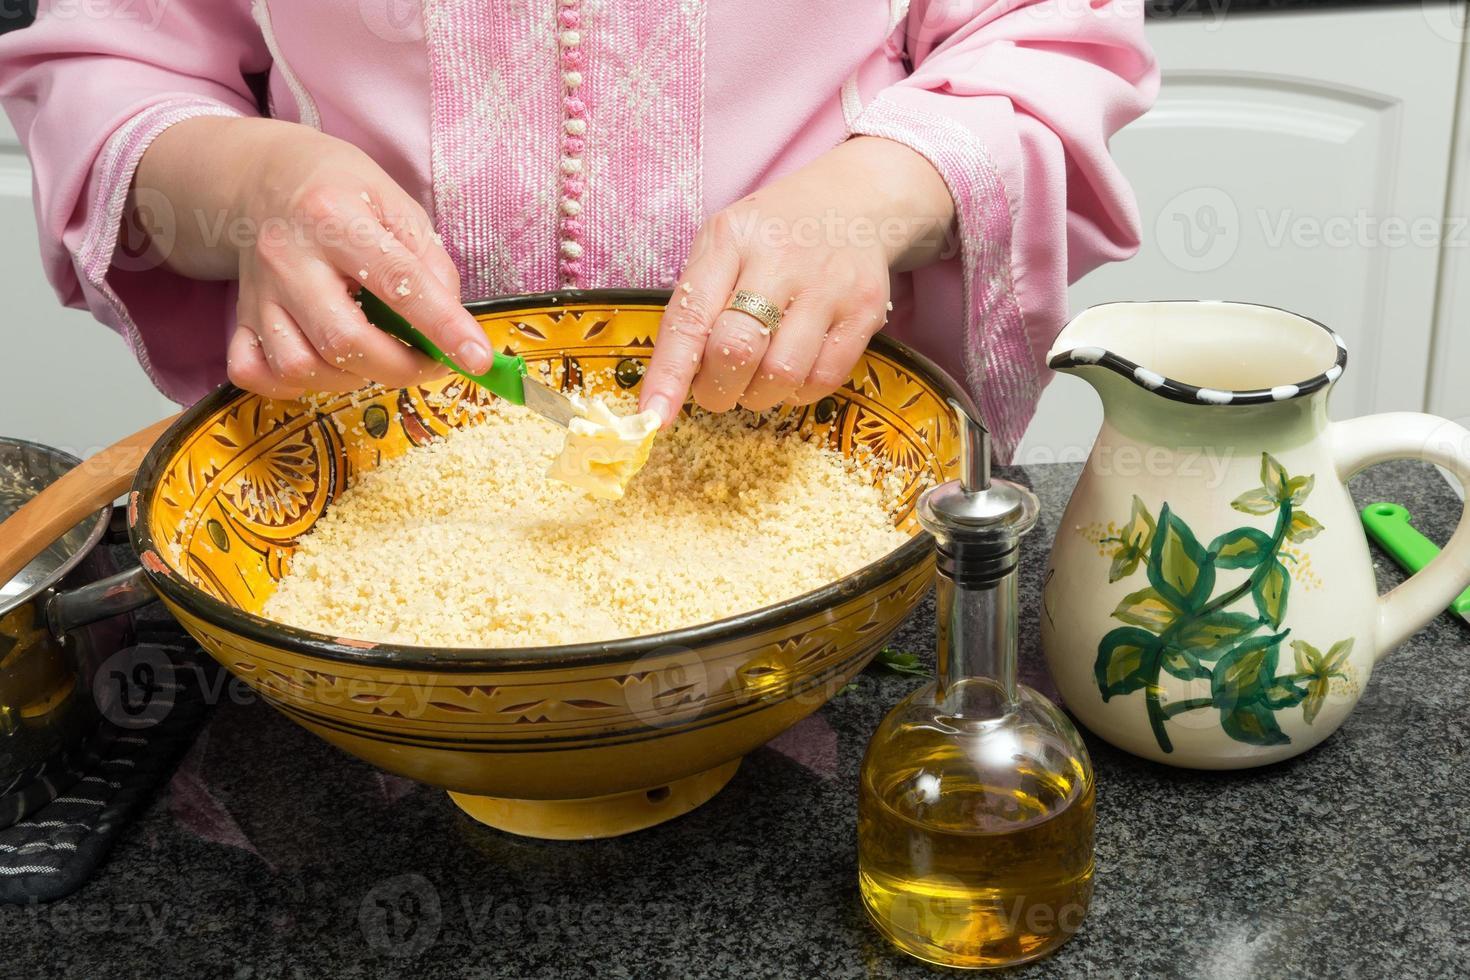 gustoso couscous marocchino foto